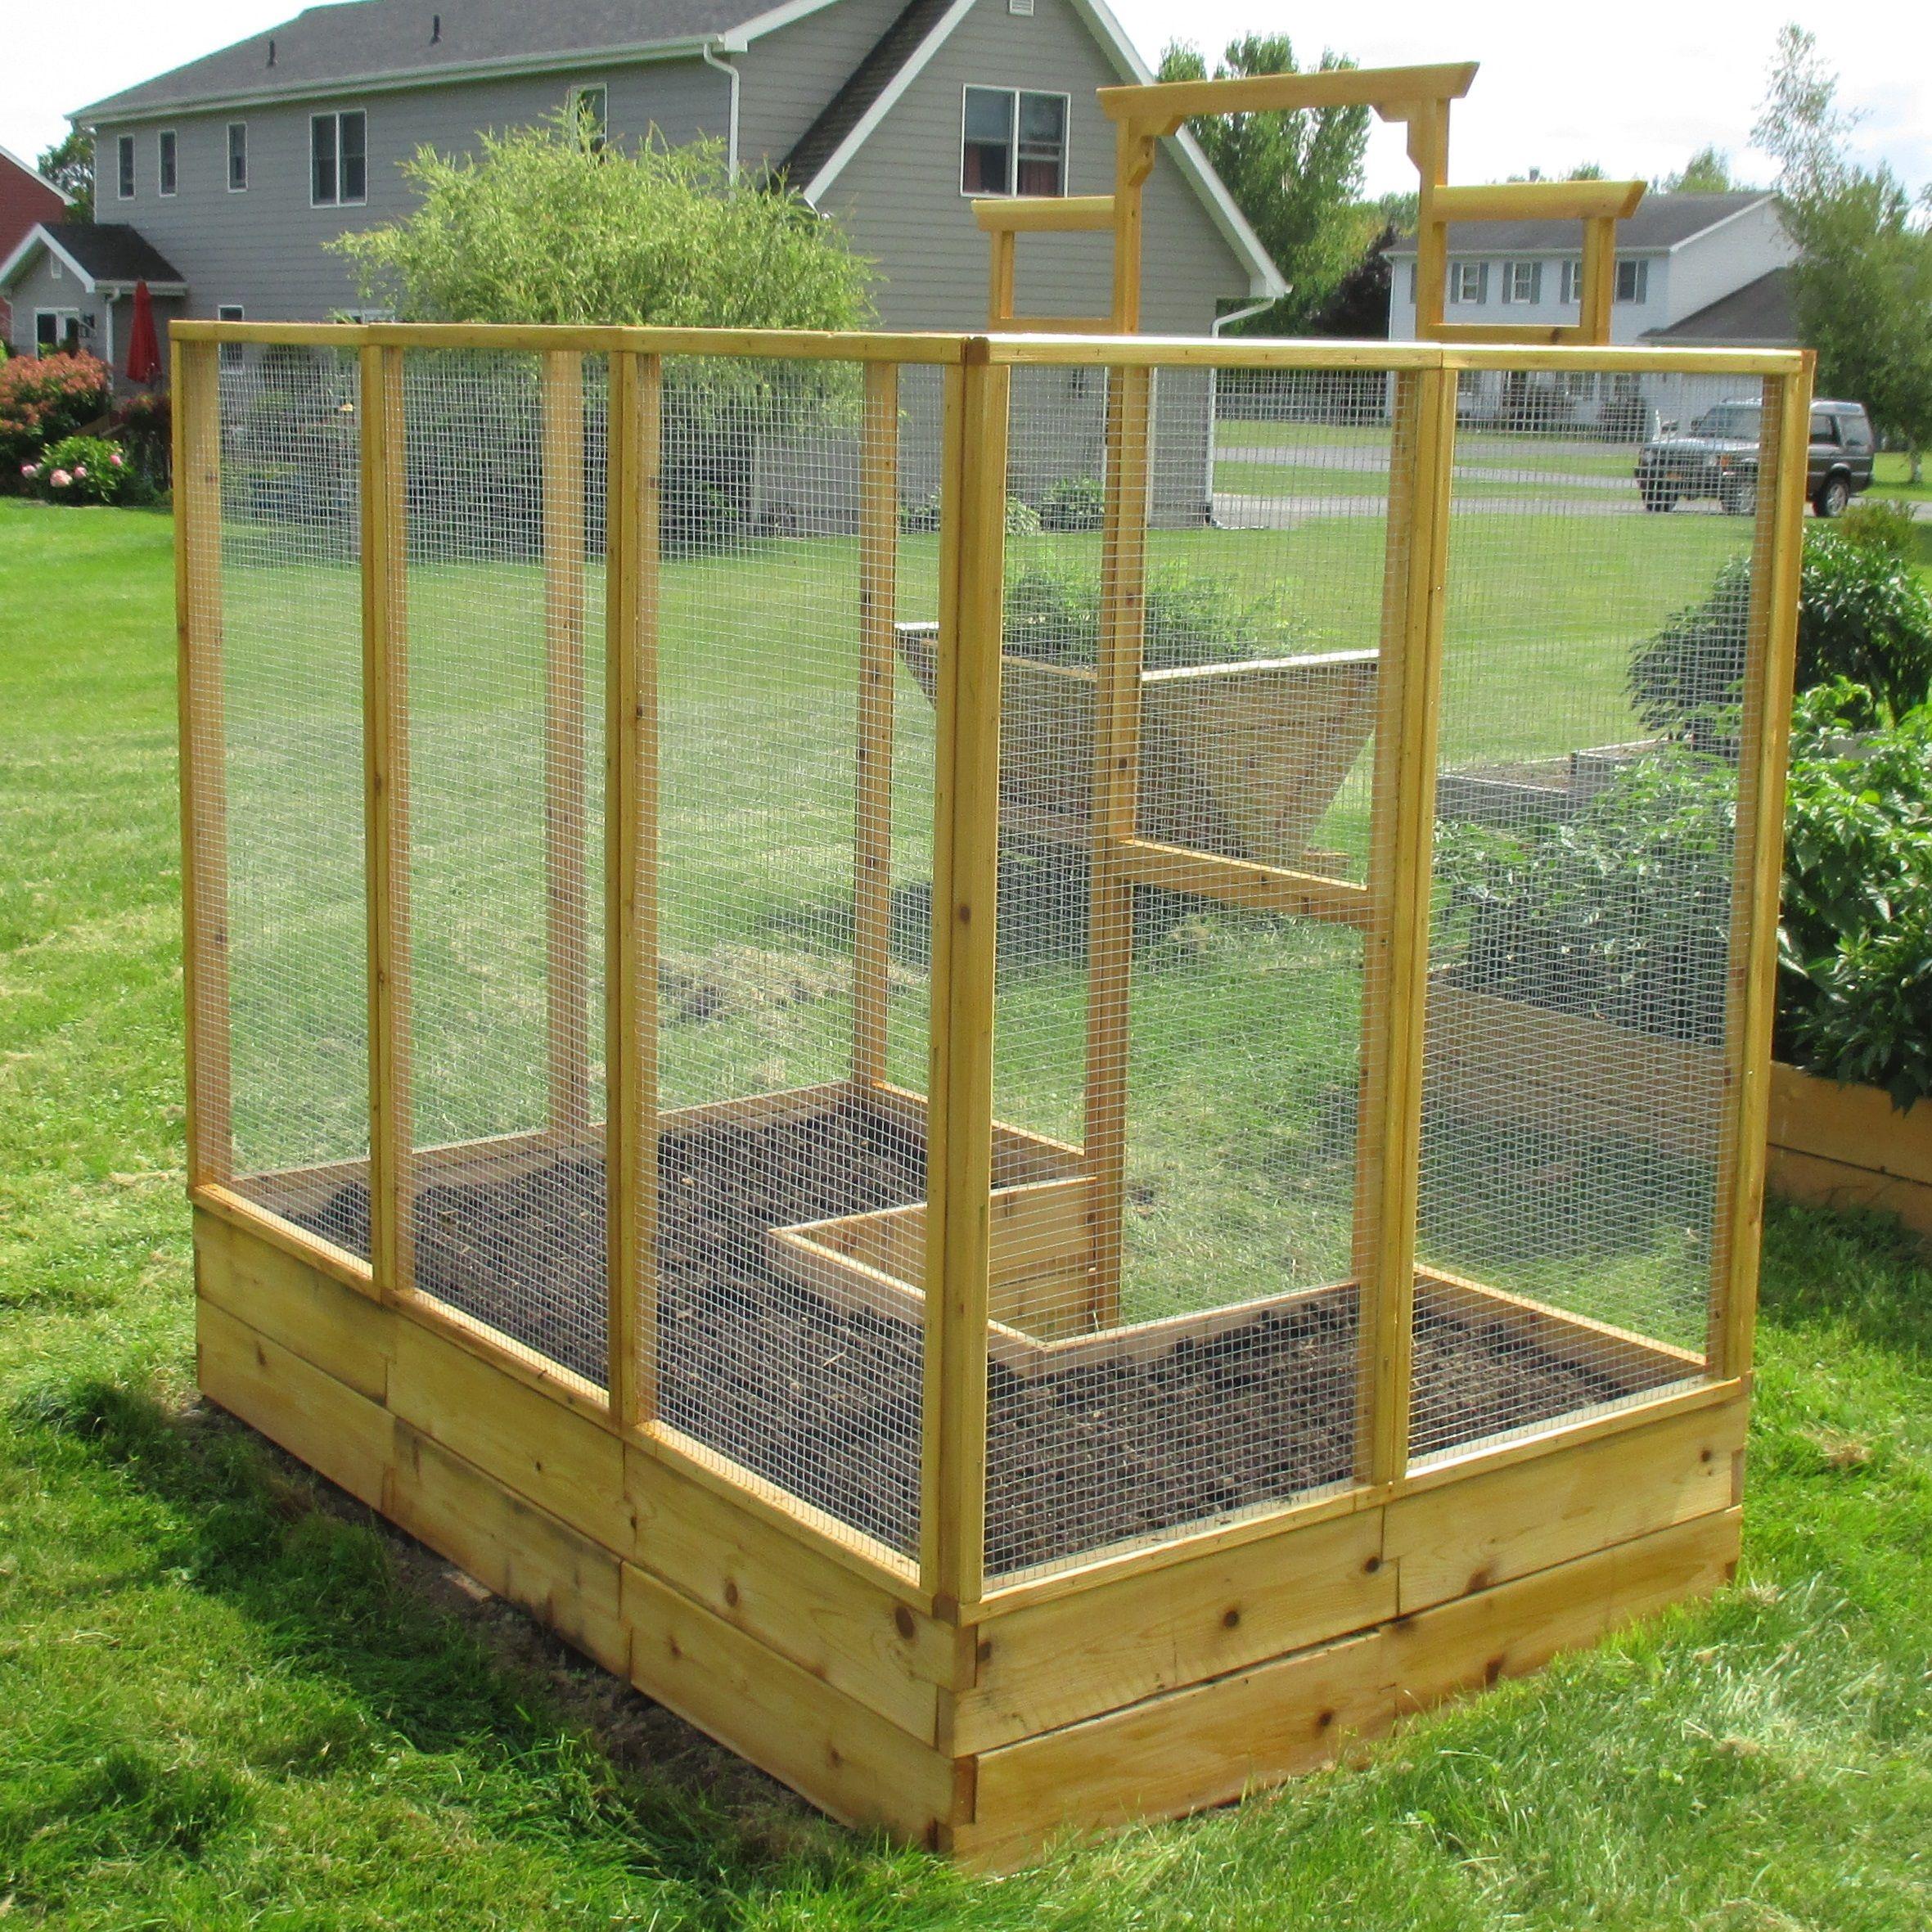 Deer Proof Raised Bed Garden Kit Raised Garden Bed Kits Garden